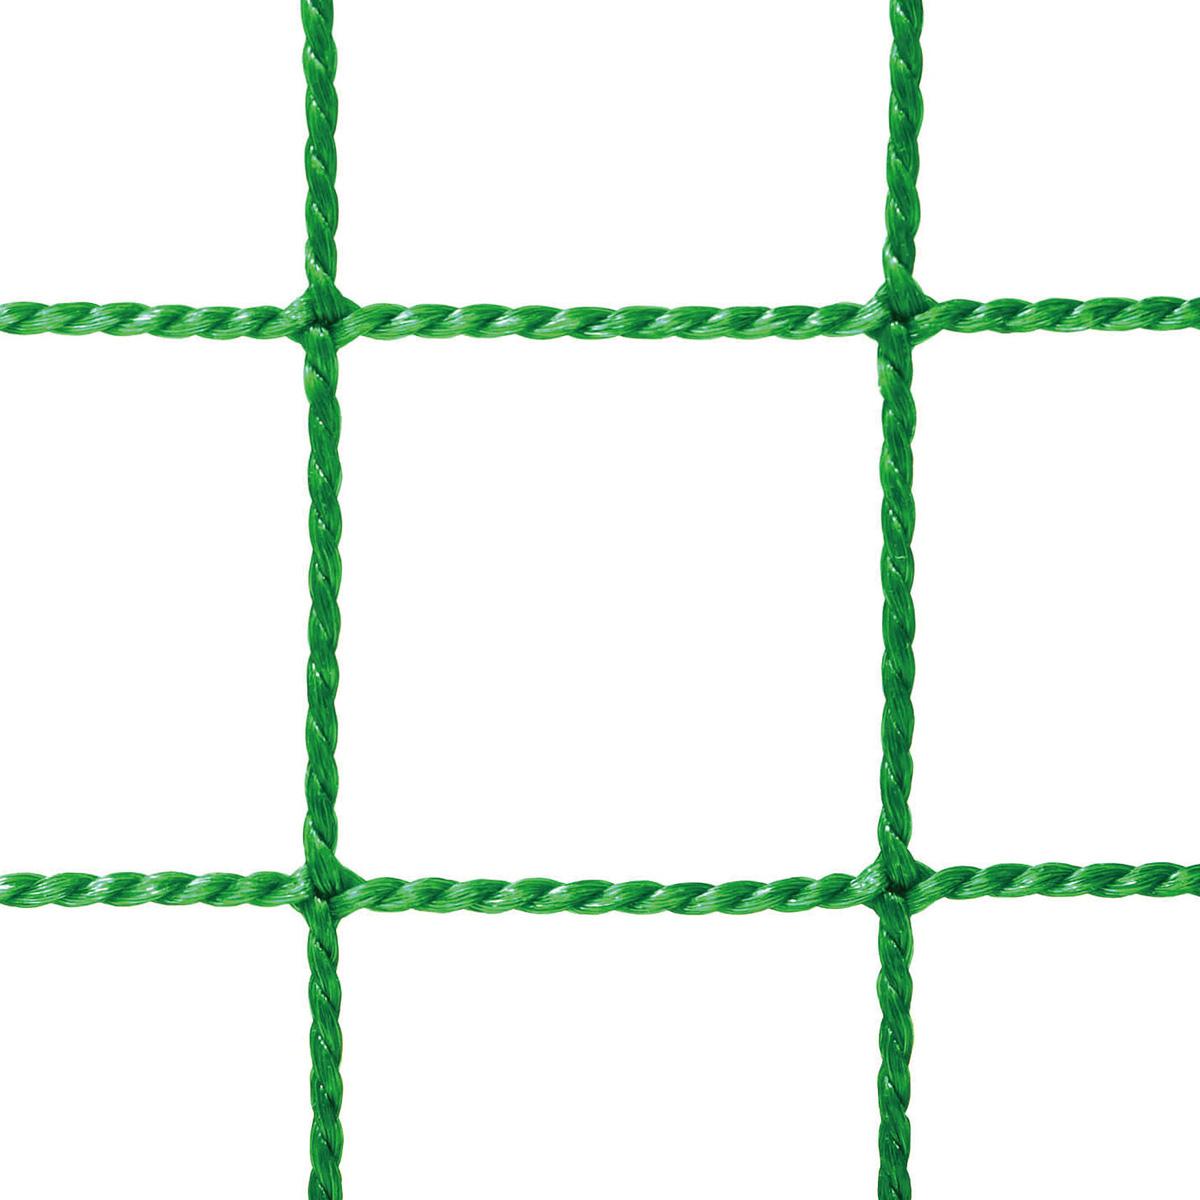 〈ヨリ線ネット37.5〉目合い:37.5mm カラー:グリーン